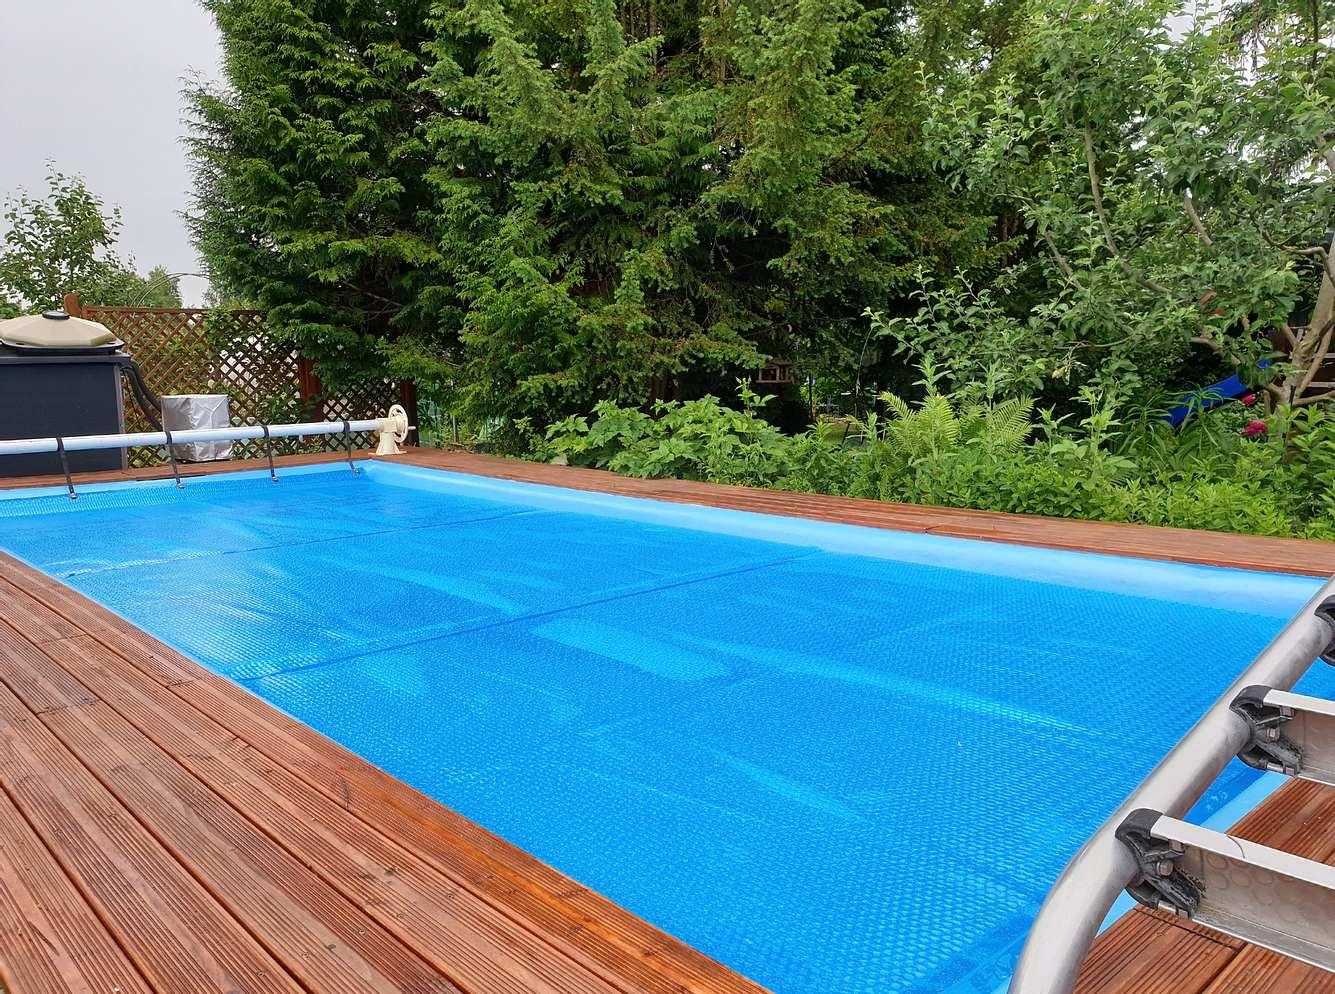 Poolplane für Swimmingpool